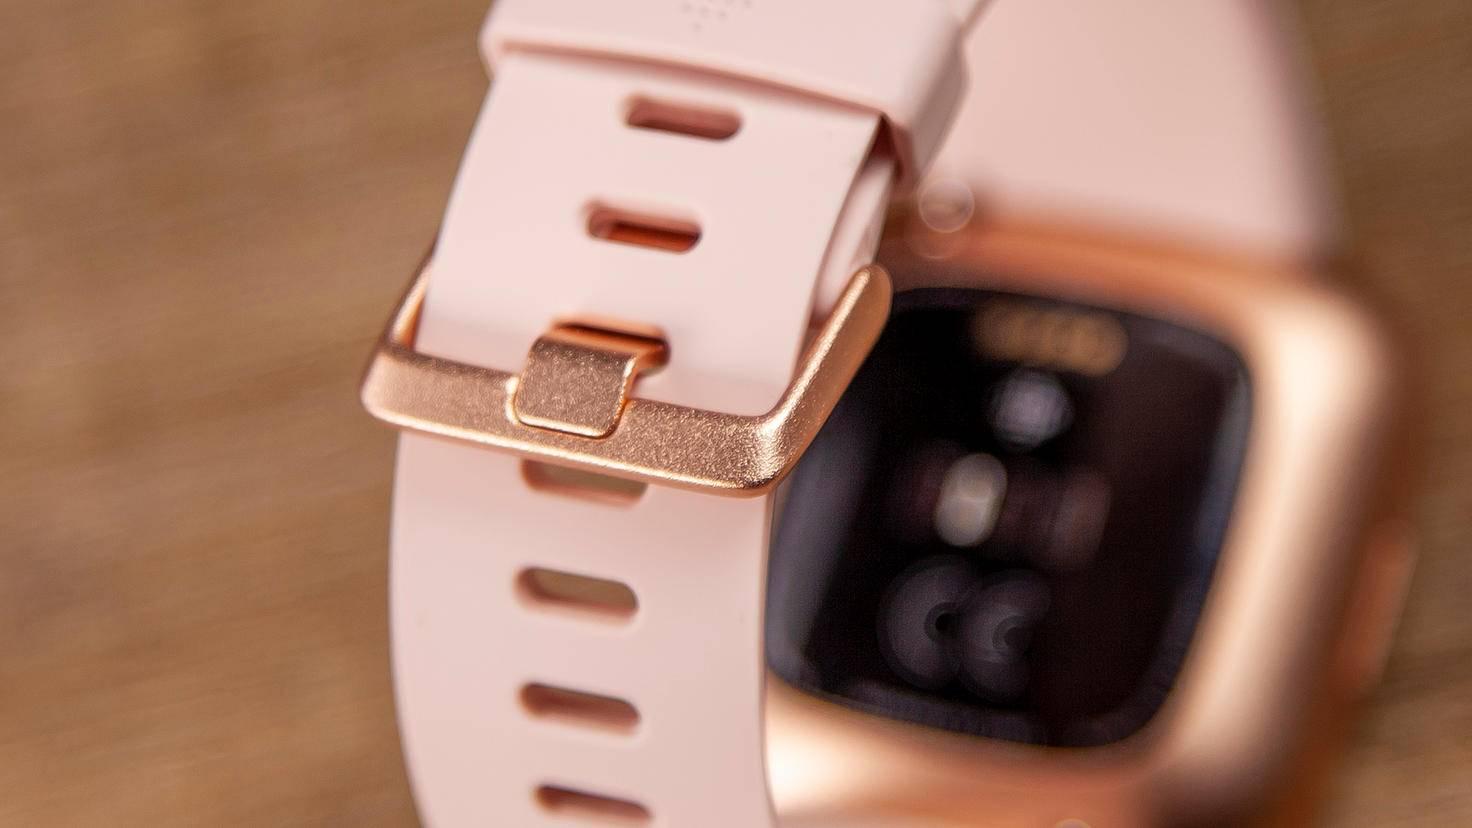 Eine klassische Dornschließe hält die Fitbit Versa 2 sicher und zuverlässig zusammen.